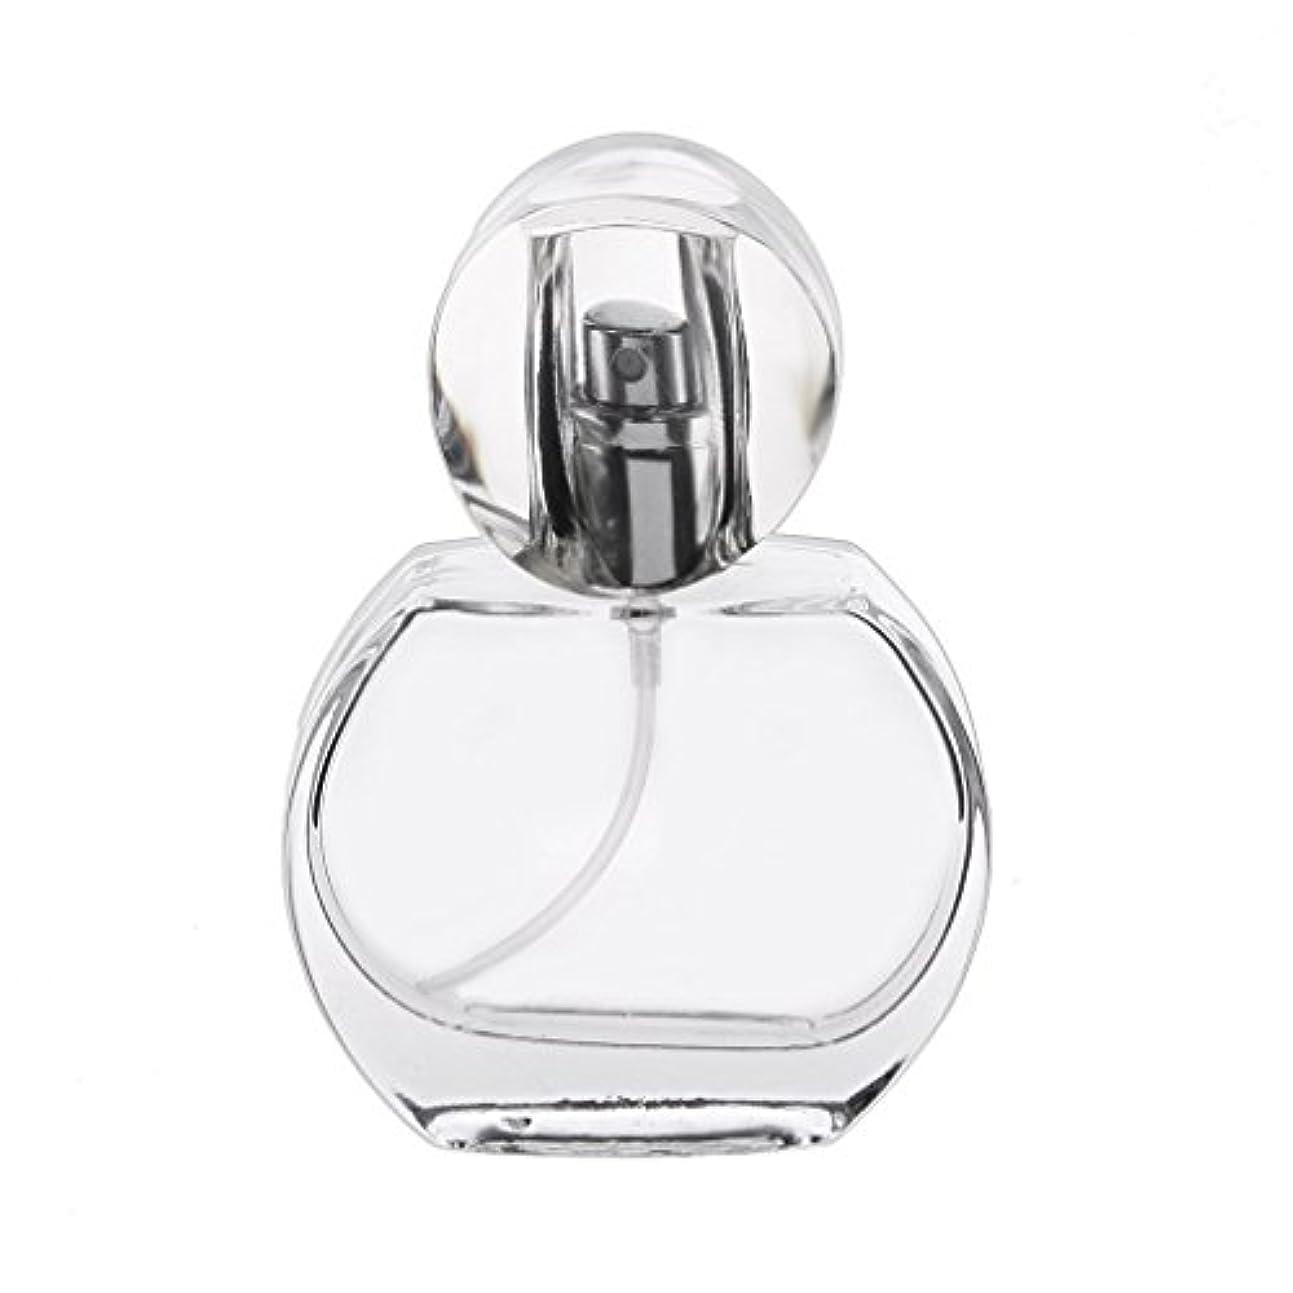 袋蓋臨検30ml クリスタル エンプティ 空 香水瓶 スプレーボトル アトマイザー 詰め替え 携帯便利